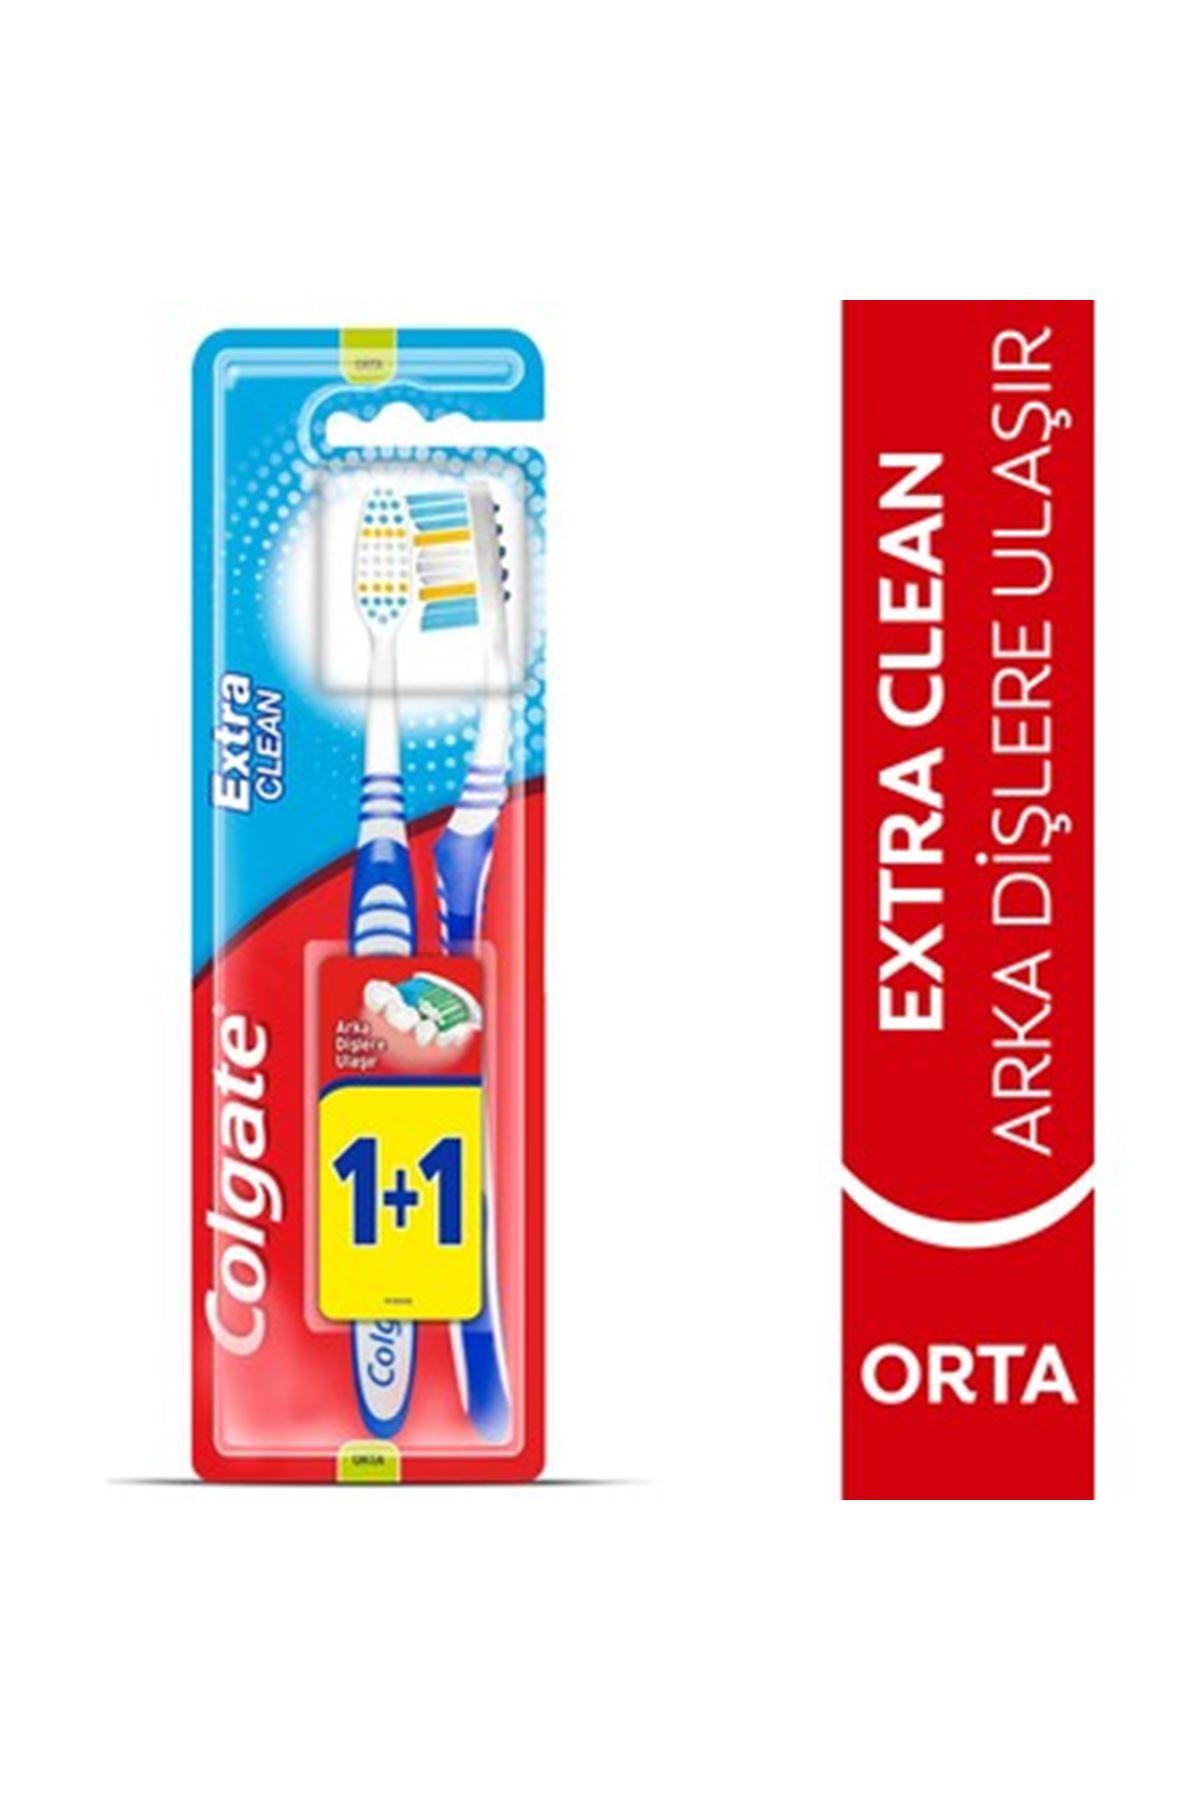 Colgate Extra Clean Dil Temizleyicili Orta Diş Fırçası 1+1